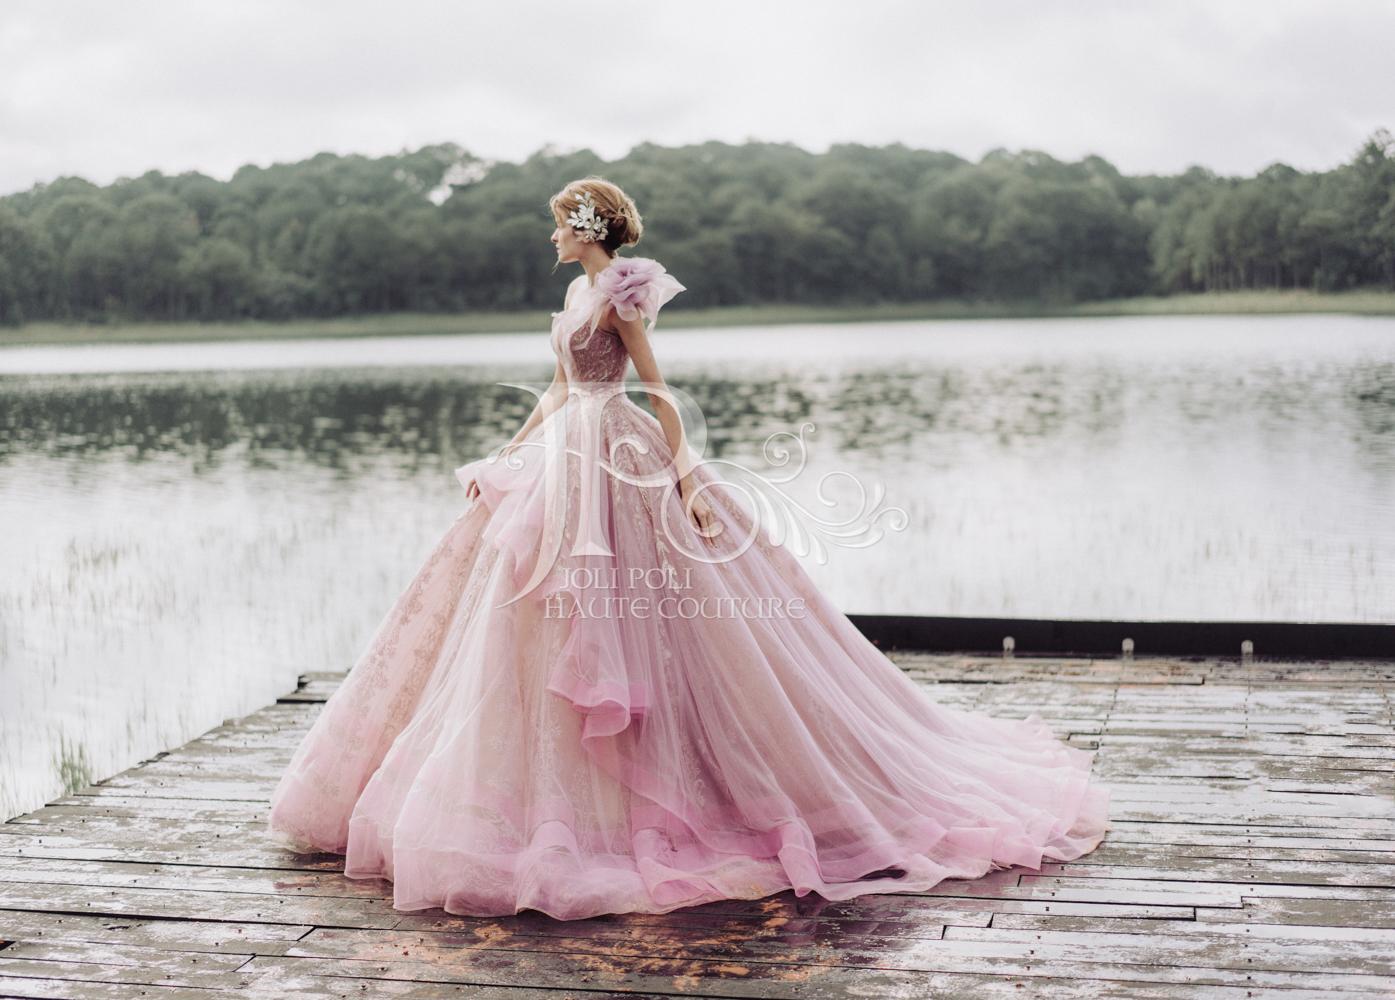 thiết kế áo cưới màu hồng của ntk phạm đặng anh thư thương hiệu cưới joli poli